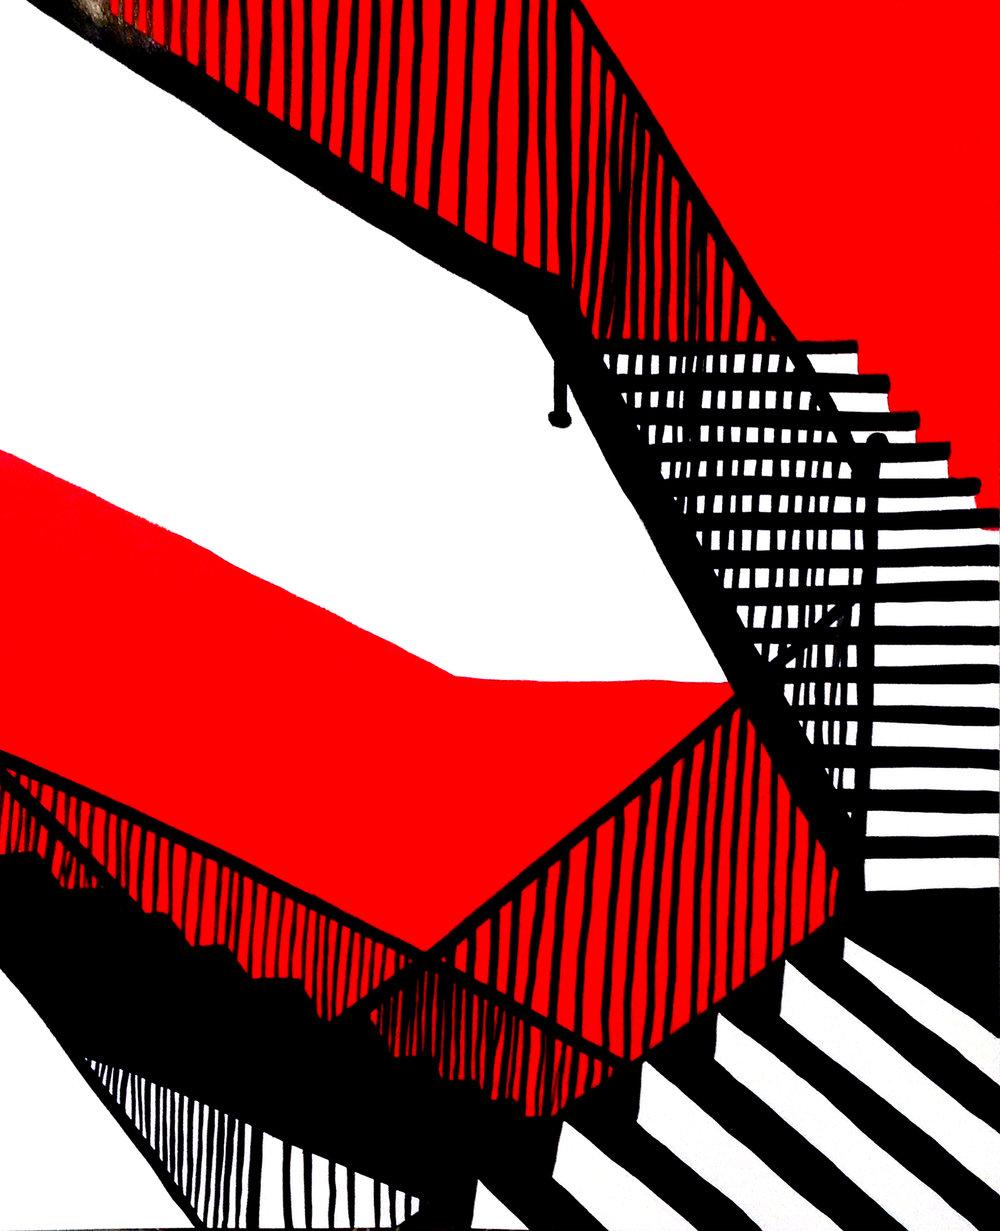 tom-gerrard-artist-stairs2.JPG